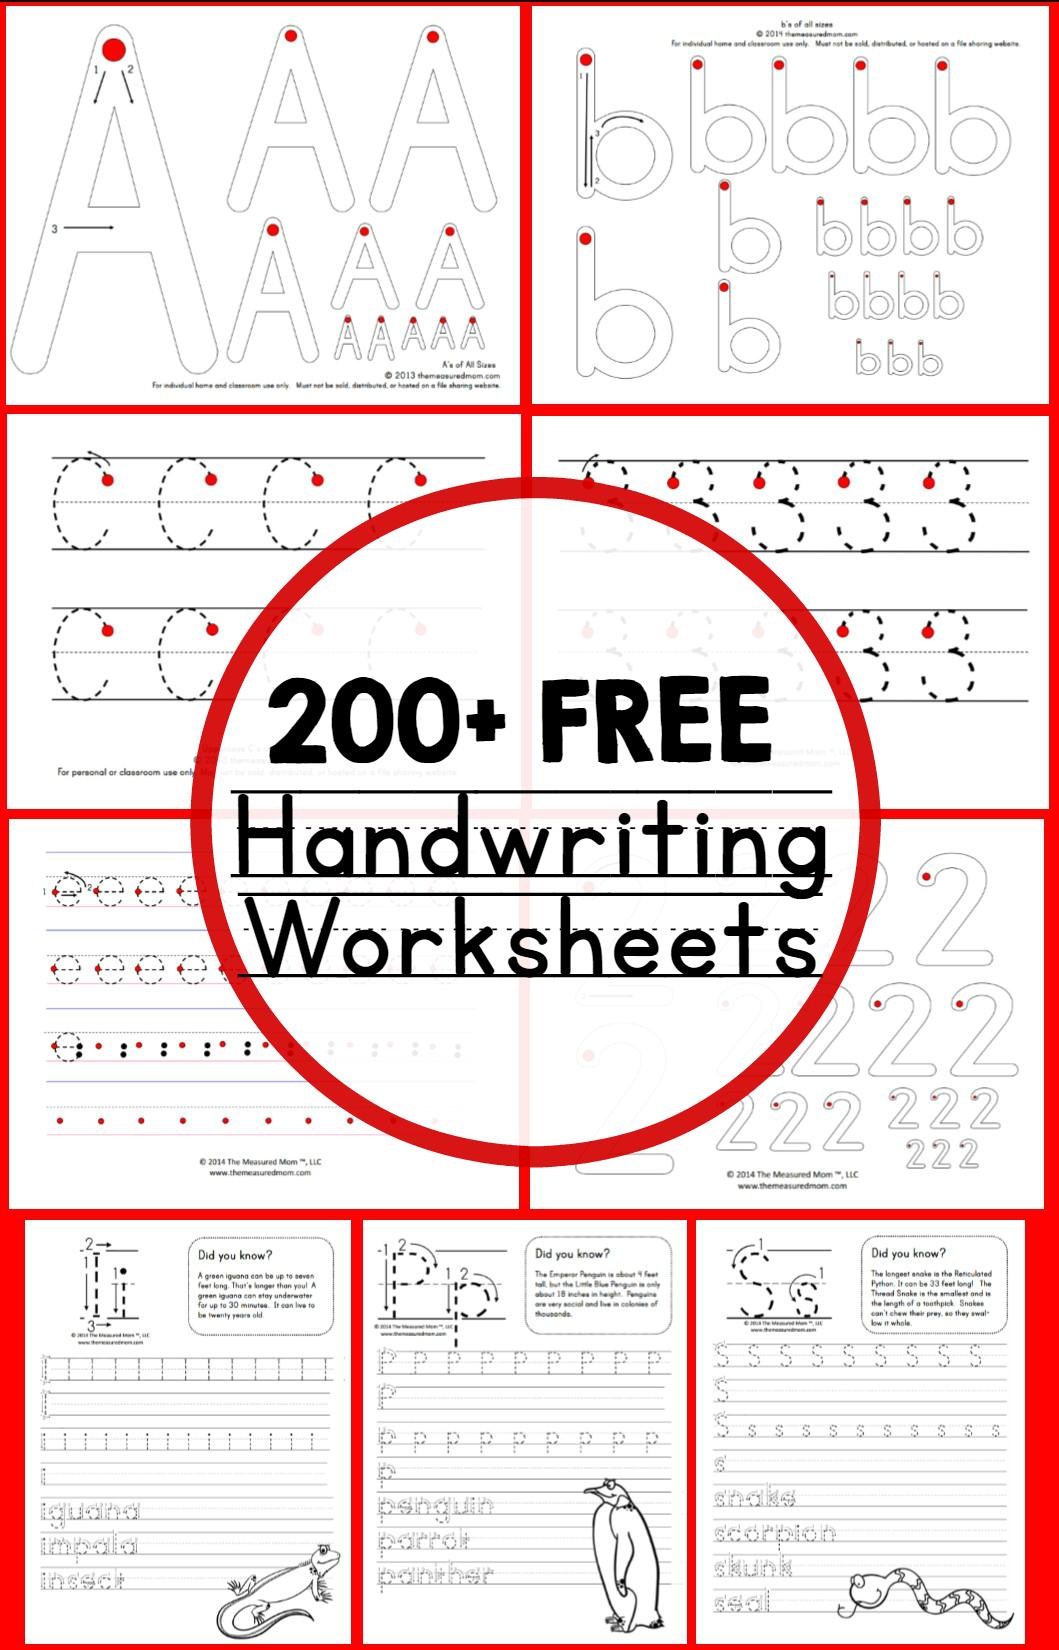 寻找教学手写的免费工作表?你可以在The Measured Mom找到它们。